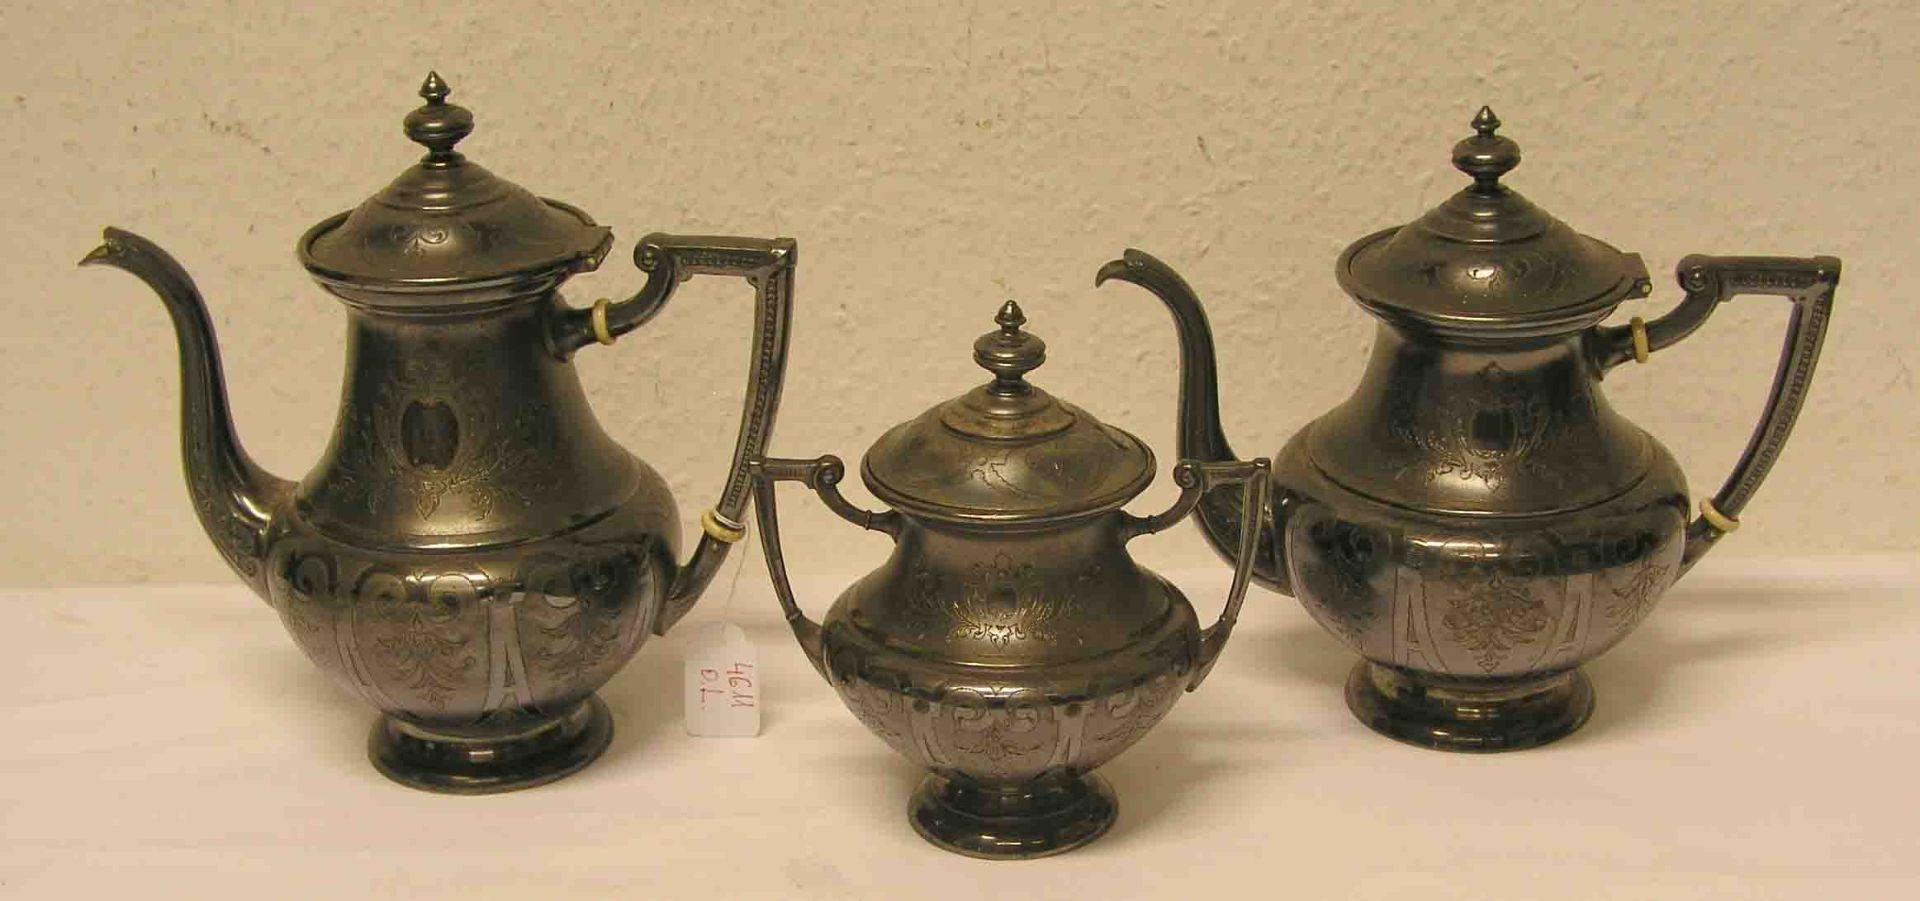 Kaffee-, Teekanne, Zuckerdose.